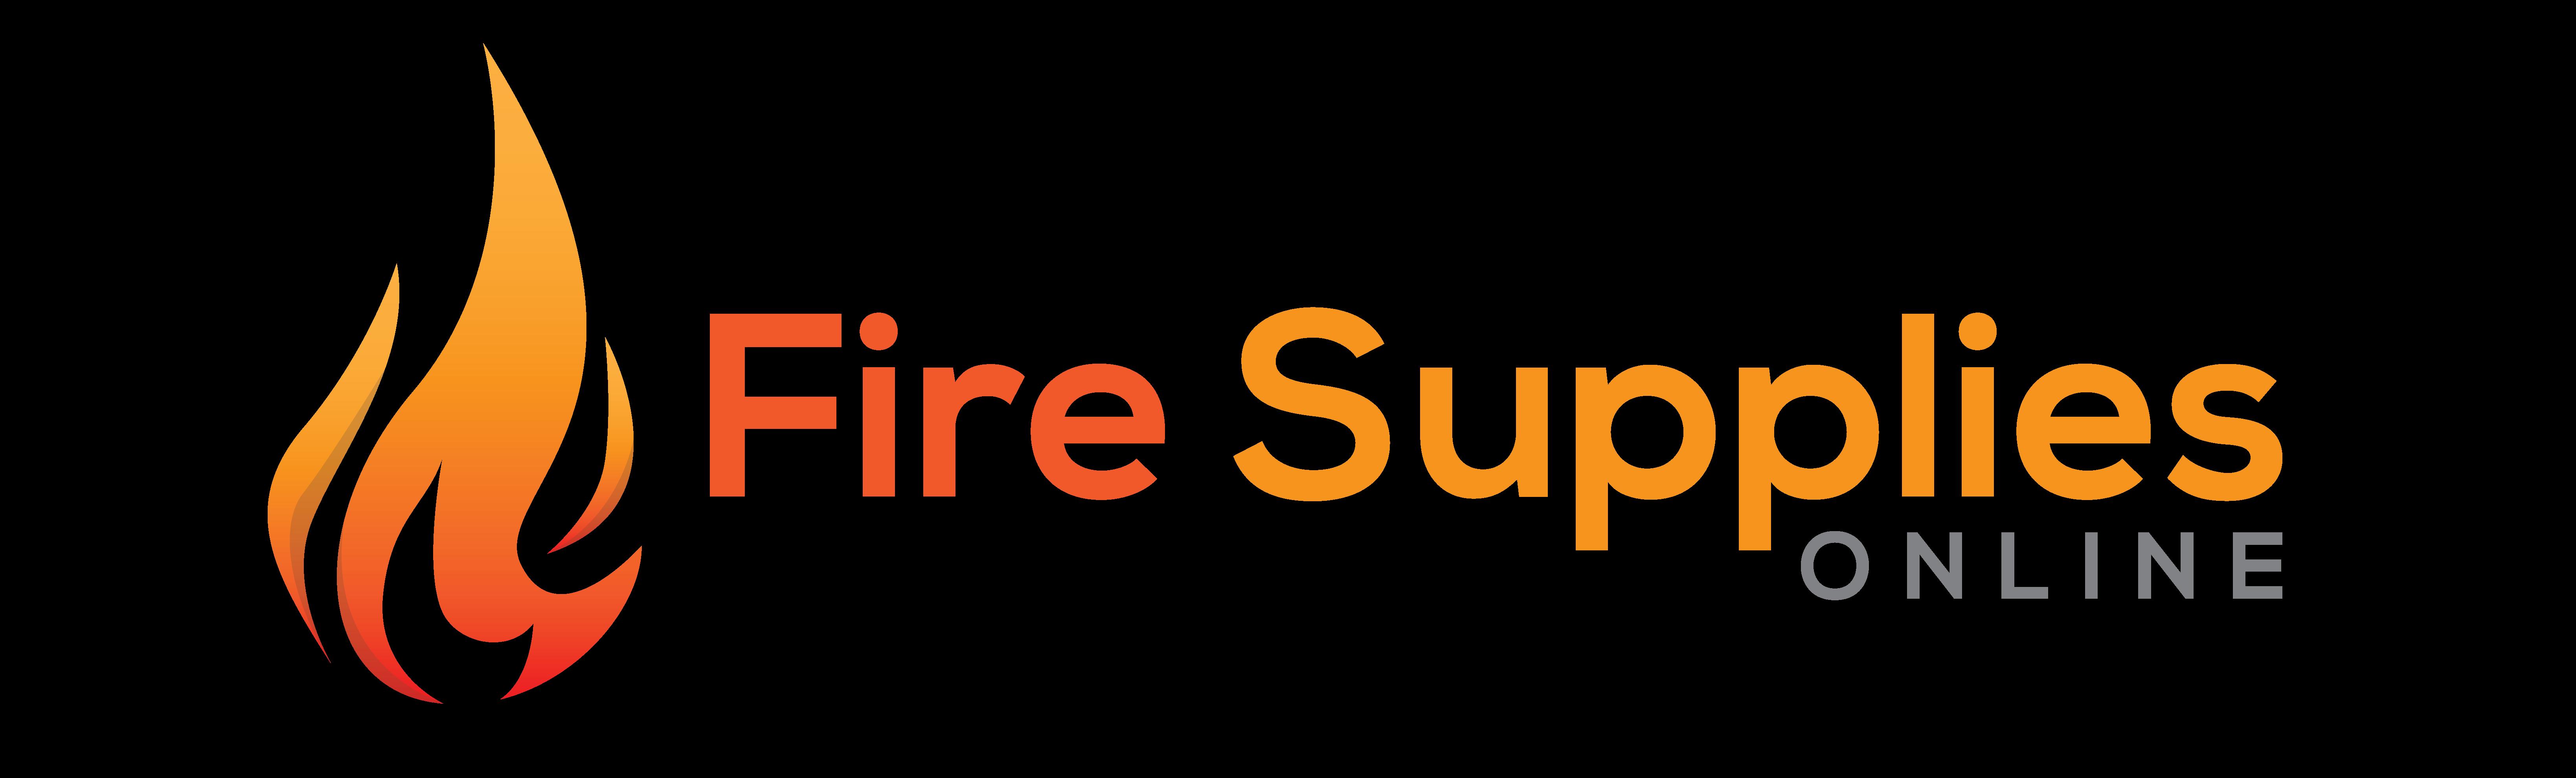 Fire Supplies Online